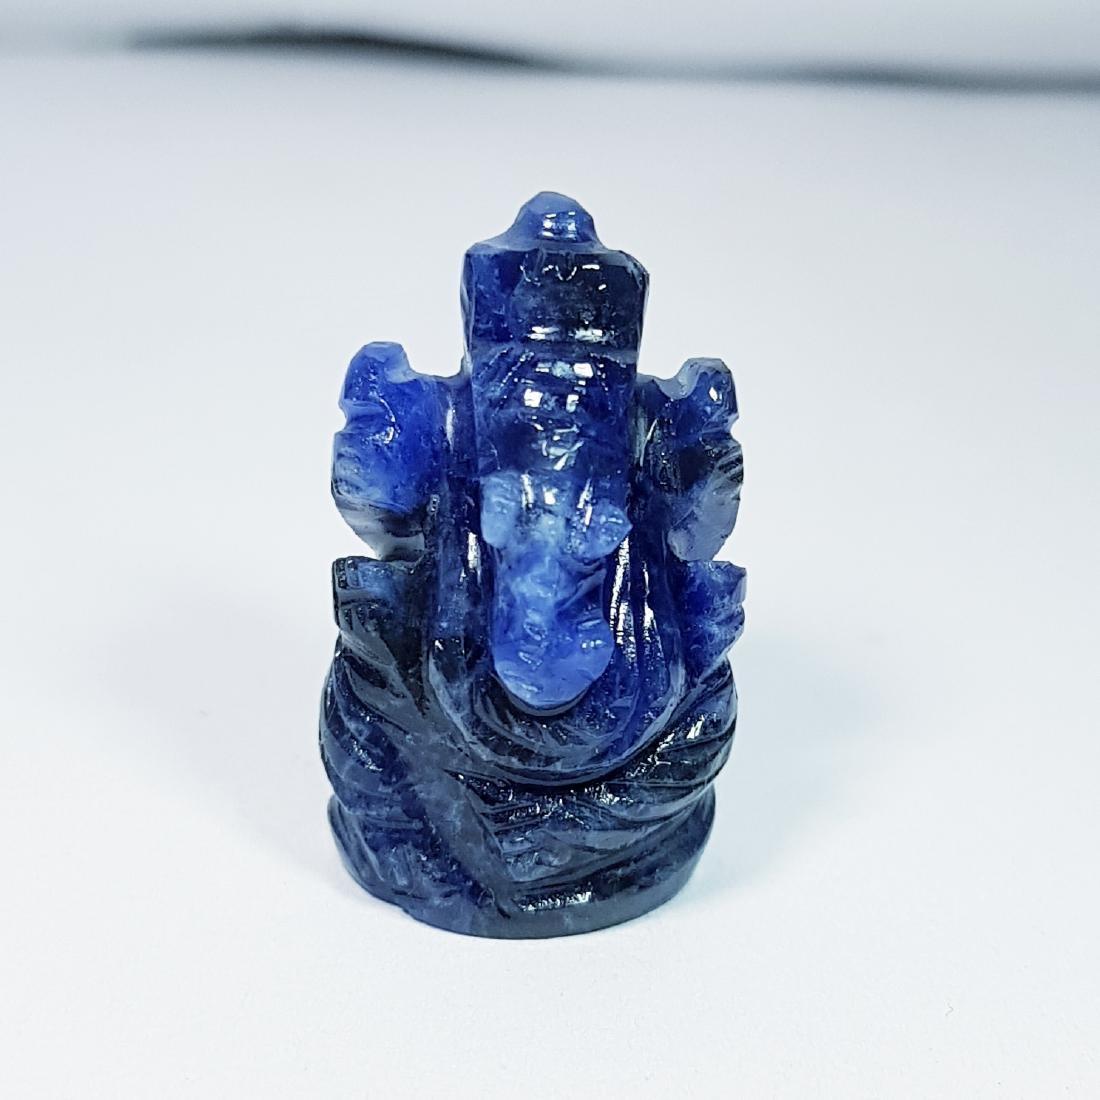 30.24 ct Sodalite Lord Ganesha Carving